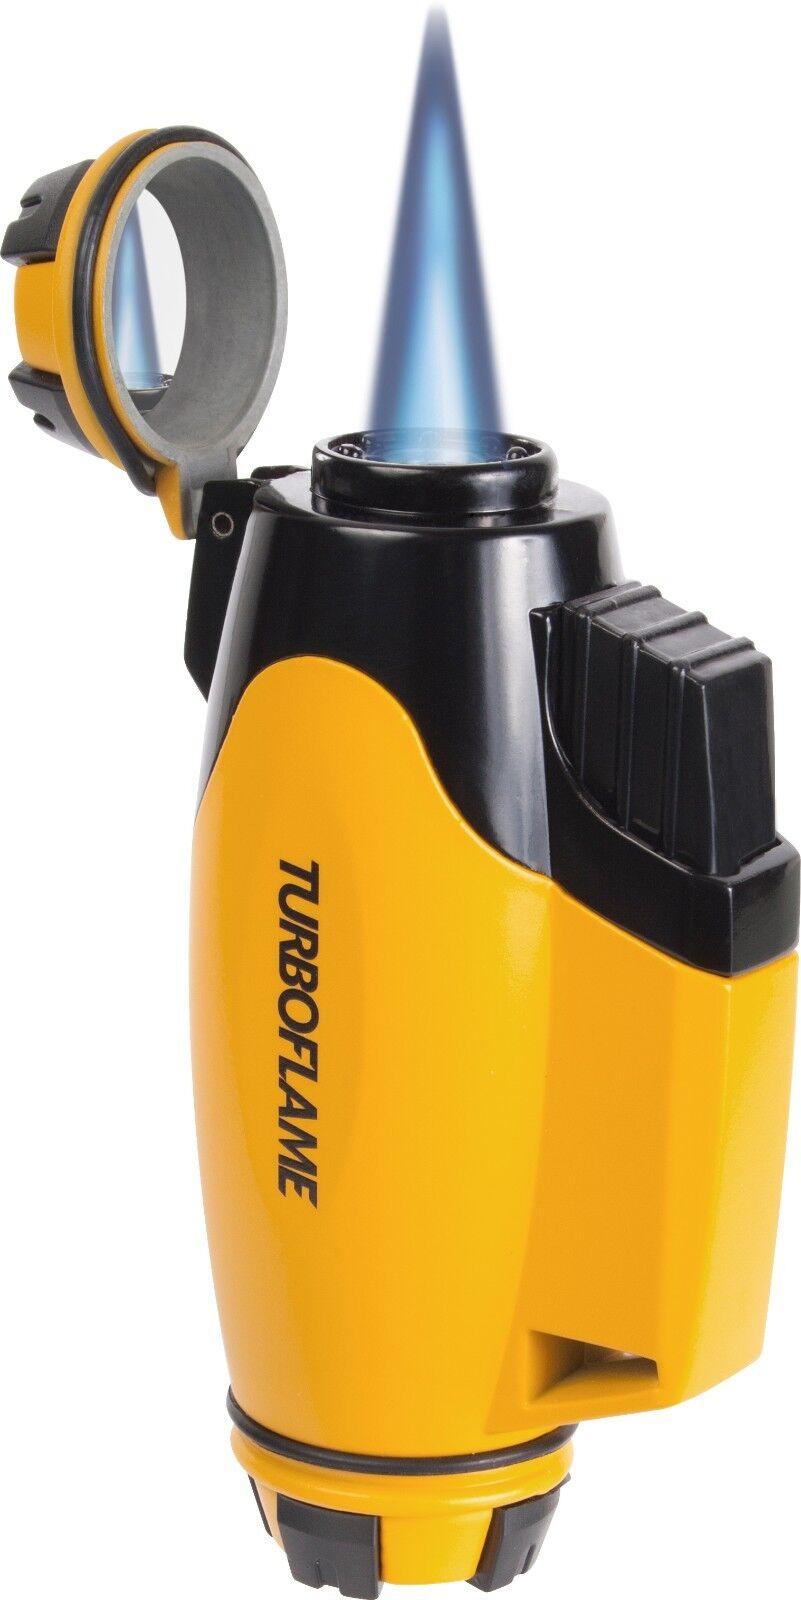 Nouveau Turboflame phoenix bourdon jaune Vent Résistant Résistant Résistant Jet Torch Flame lighter a2df02